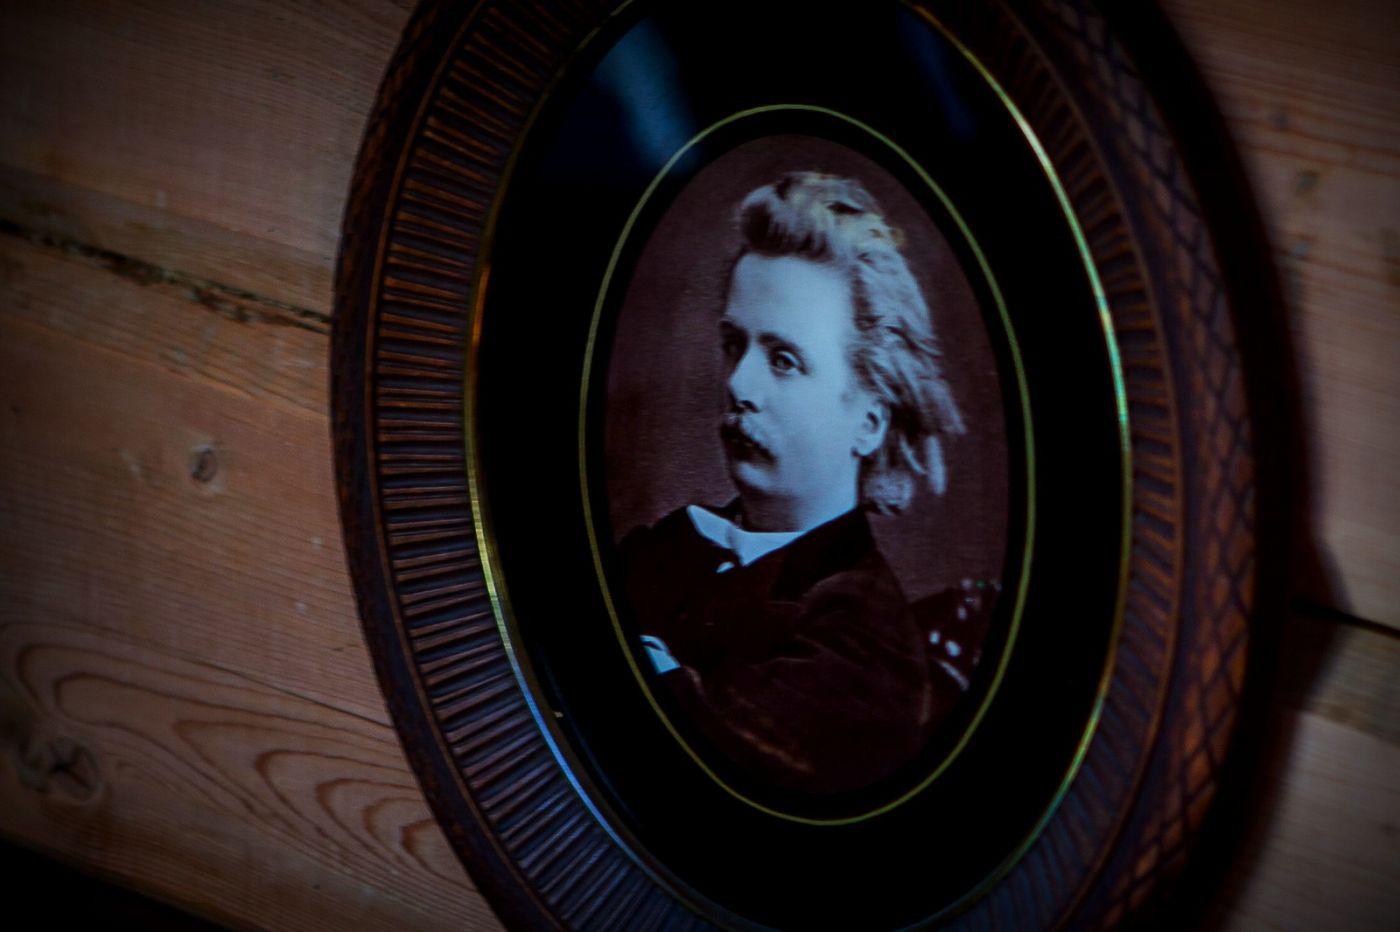 挪威作曲家爱德华-格里格,走访故居_图1-10